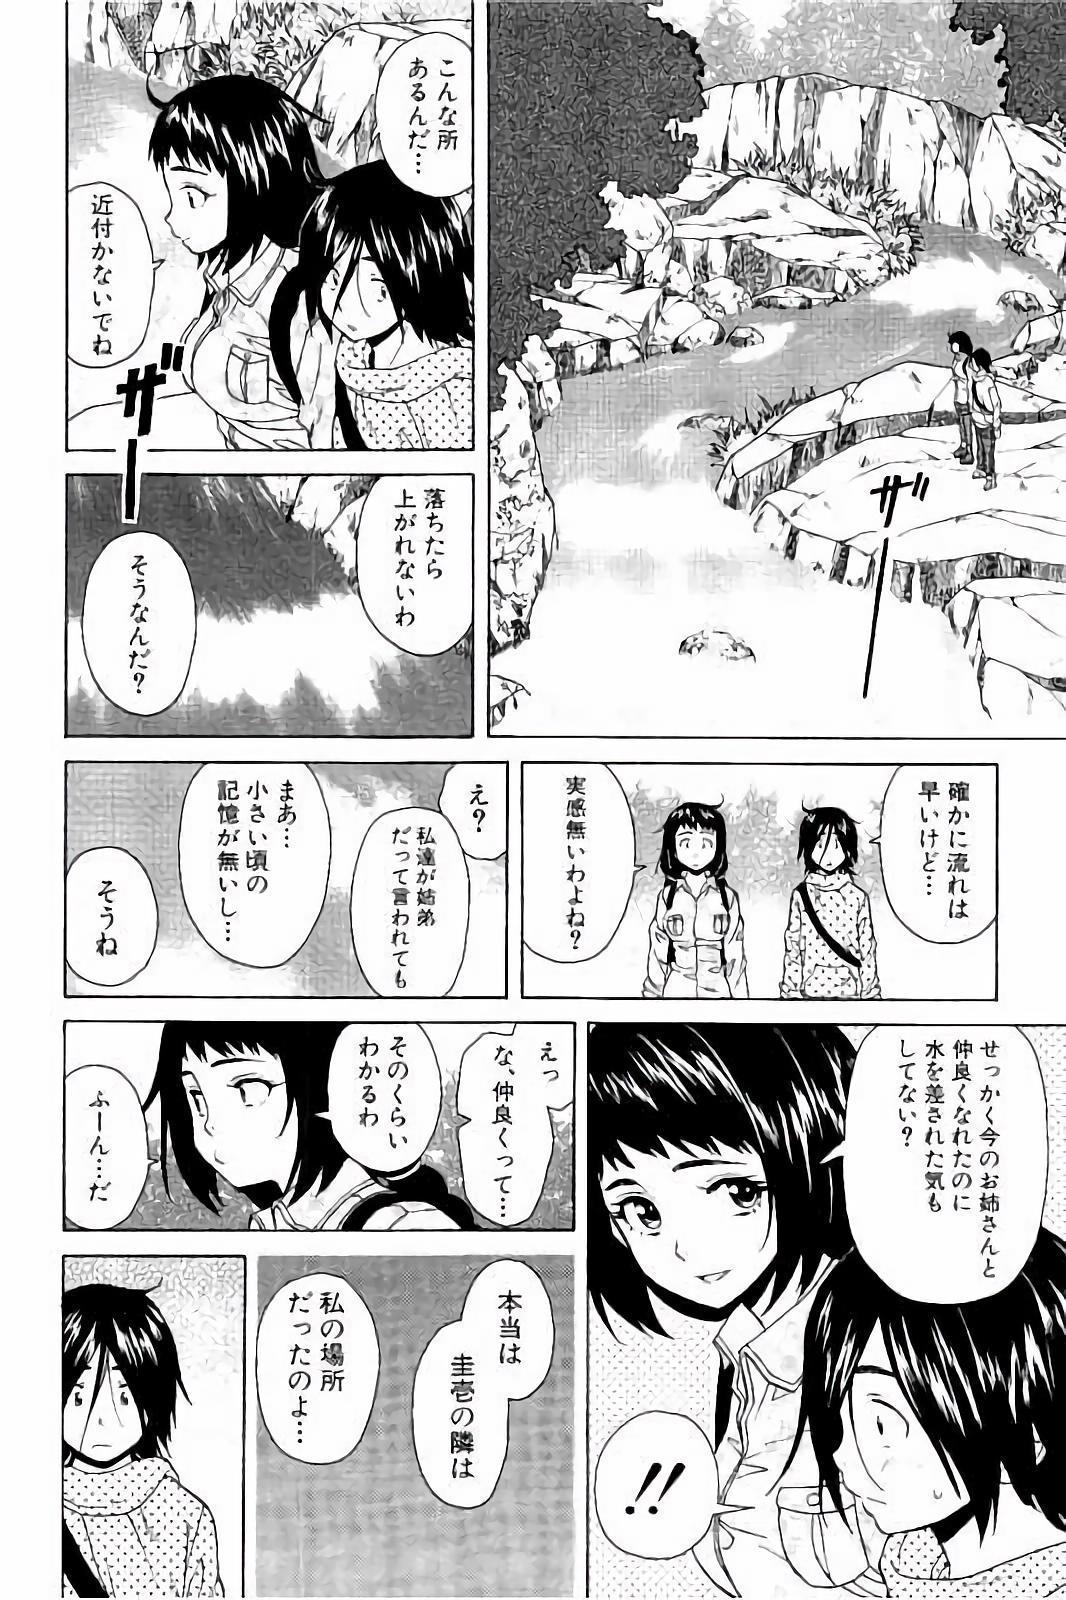 Ane no Himitsu To Boku no Jisatsu 101